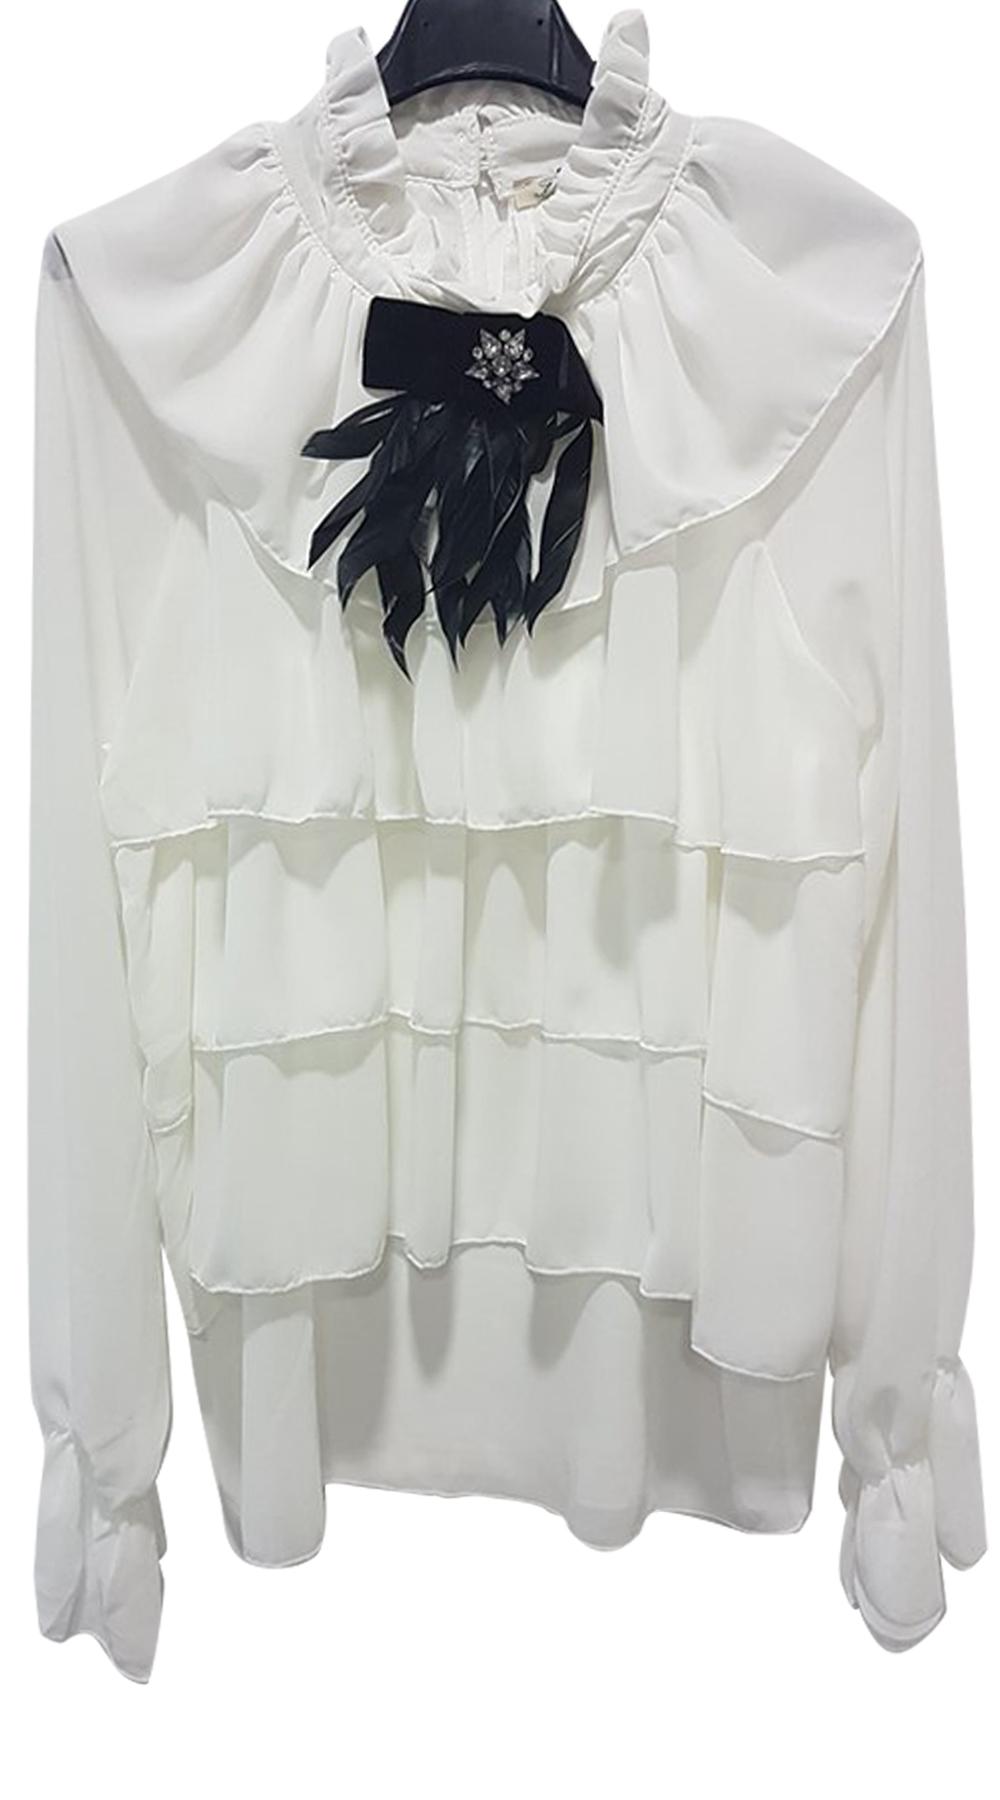 Γυναικείο πουκάμισο με βολάν Feather Chic - OEM - W18SOF-1717361546438 top trends office look